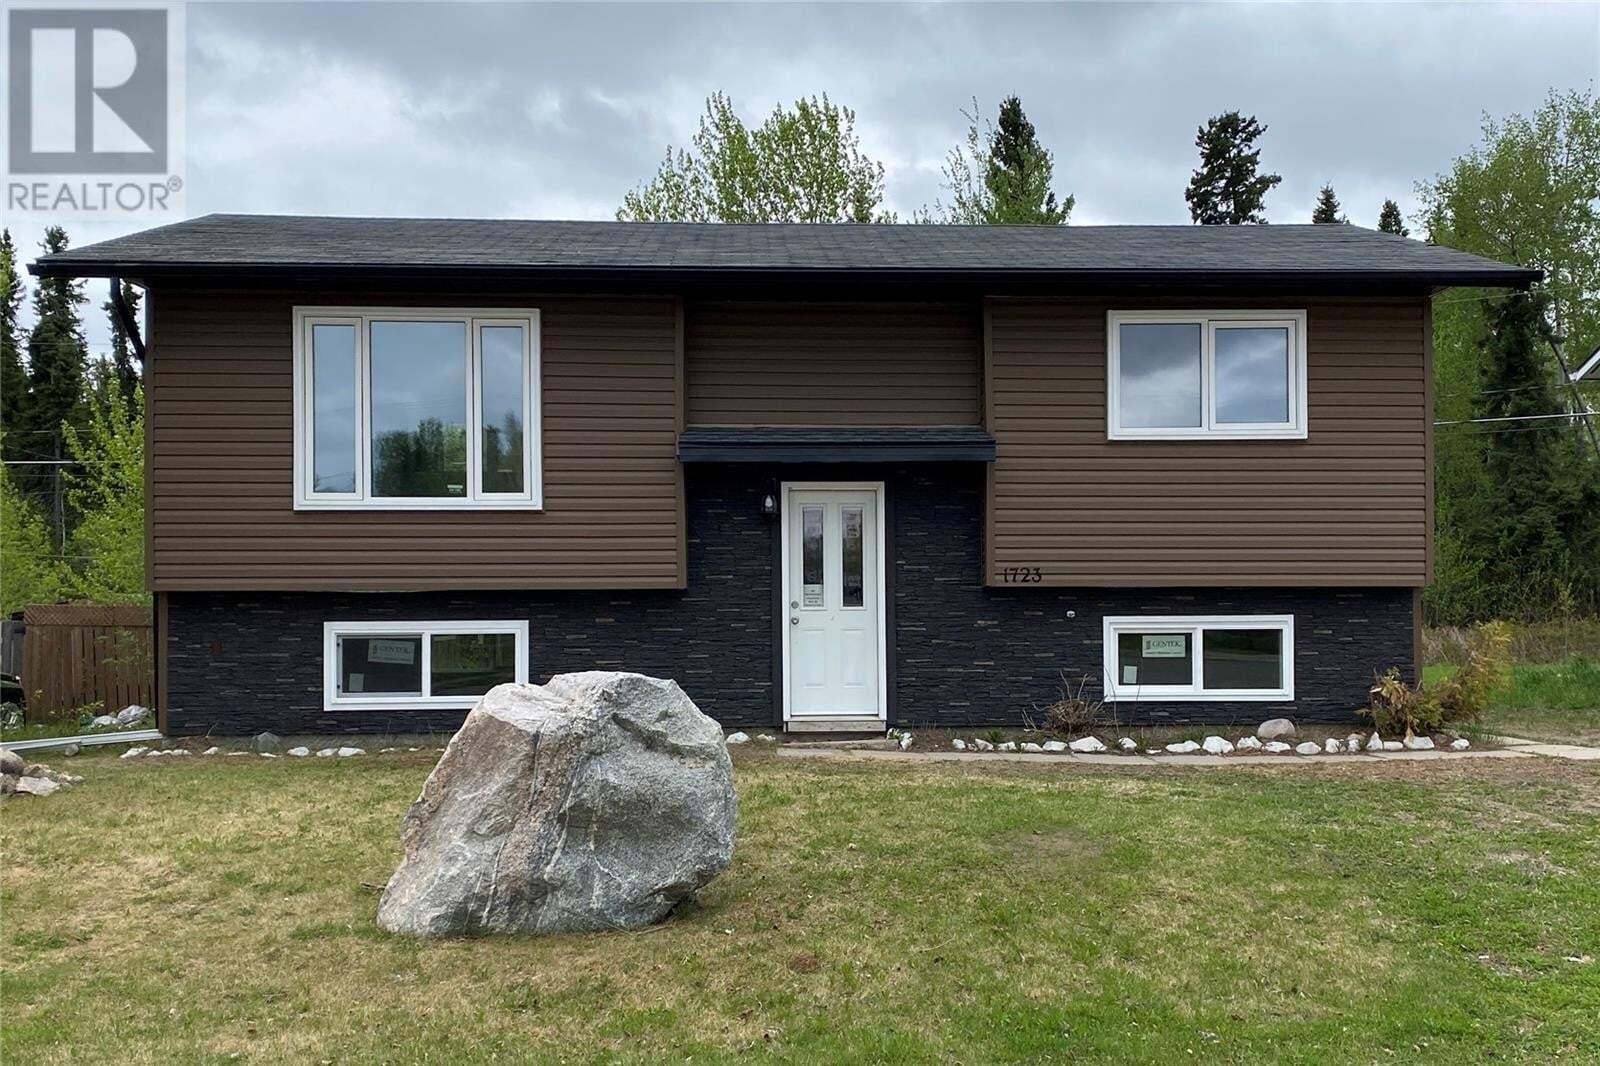 House for sale at 1723 Studer St La Ronge Saskatchewan - MLS: SK810525